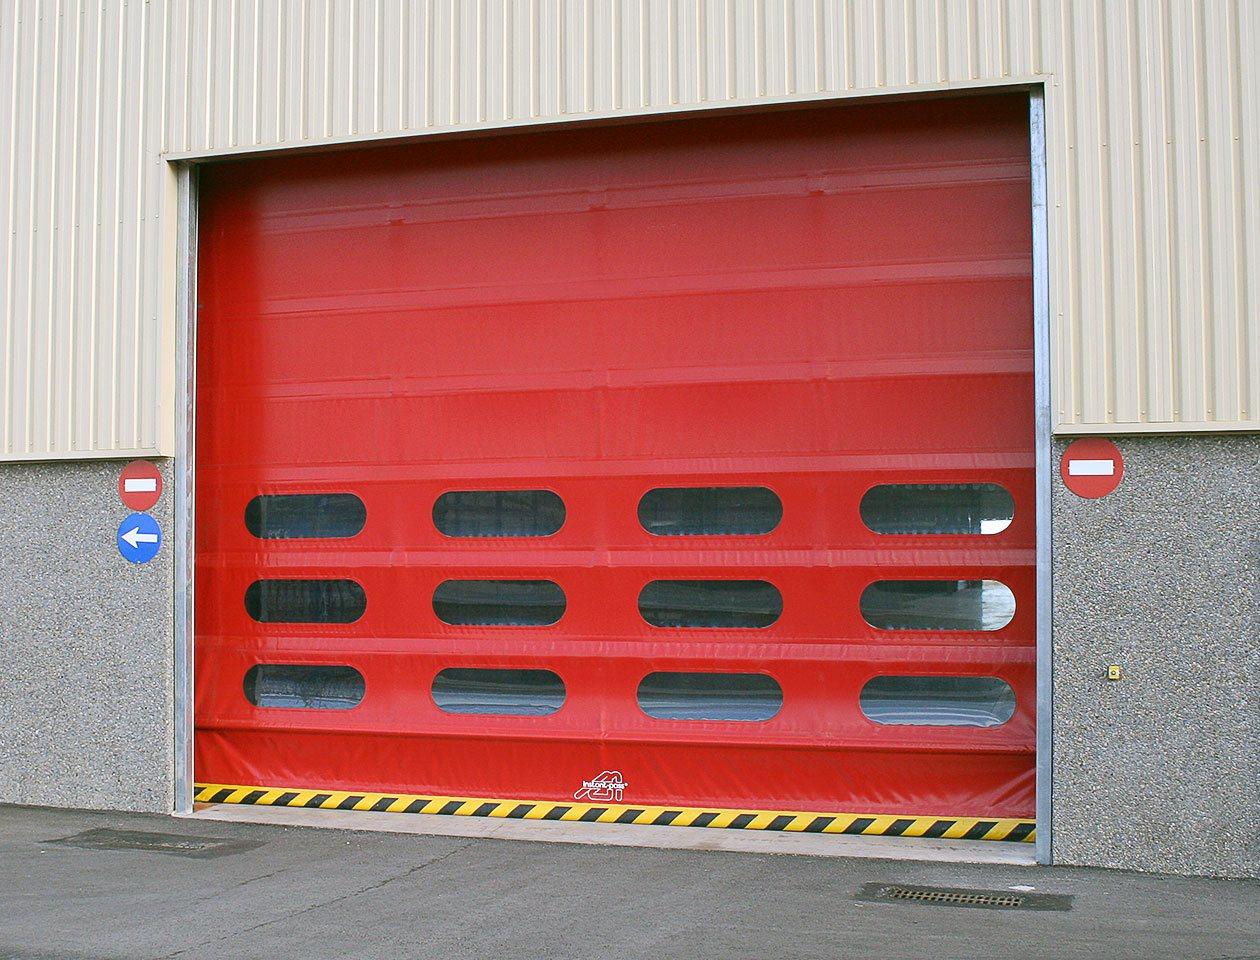 vl-speed-door